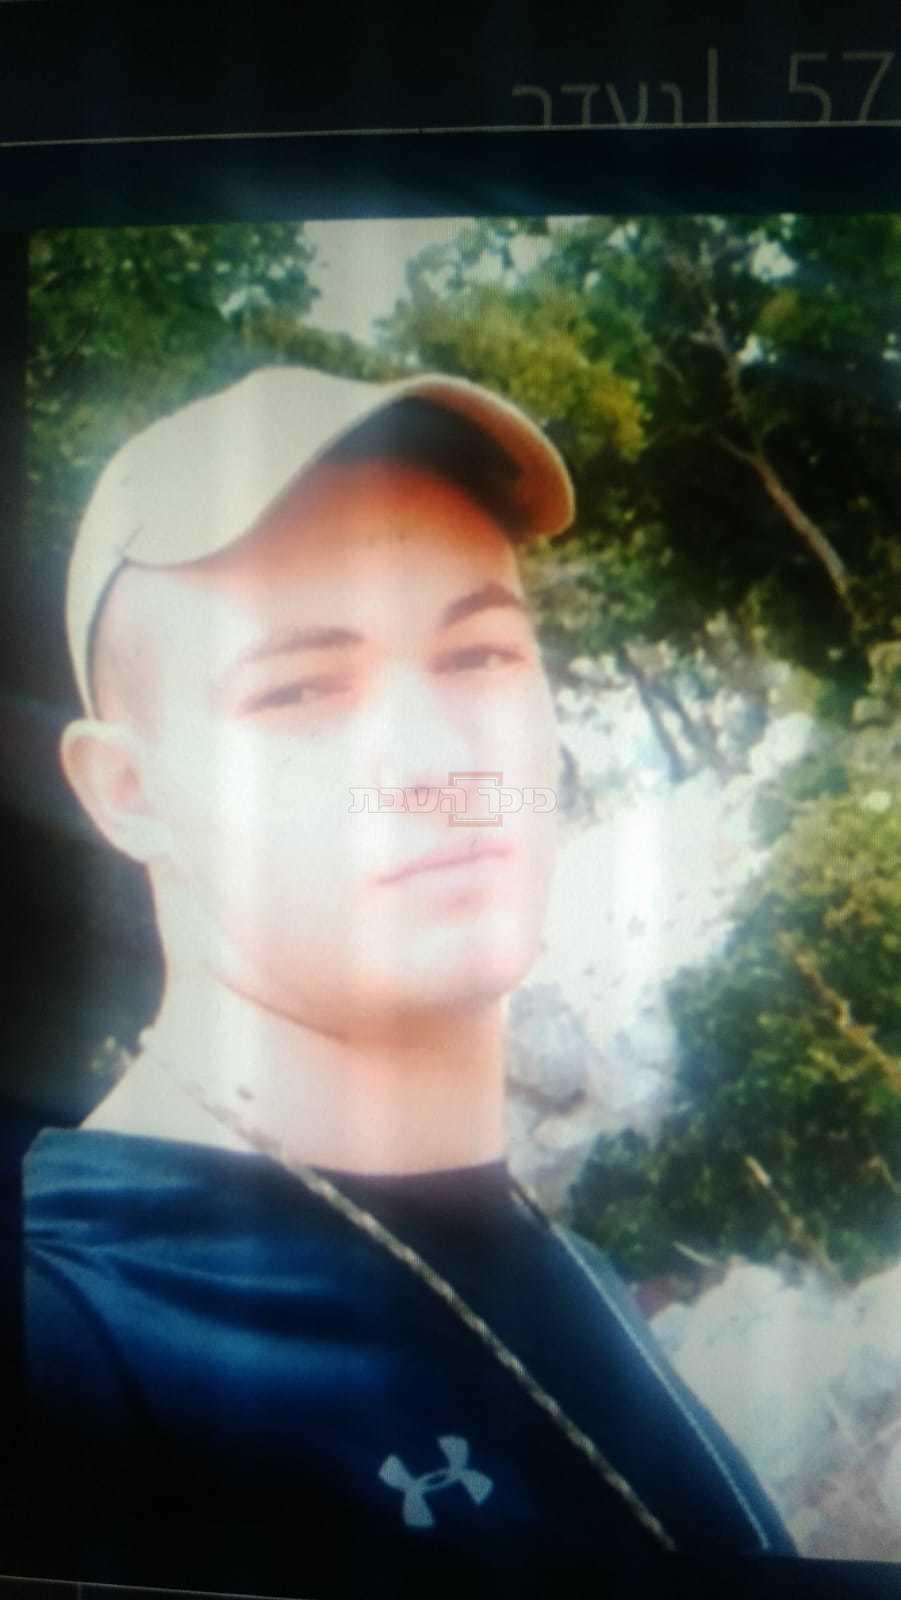 החייל הנעדר (צילום: דוברות המשטרה)